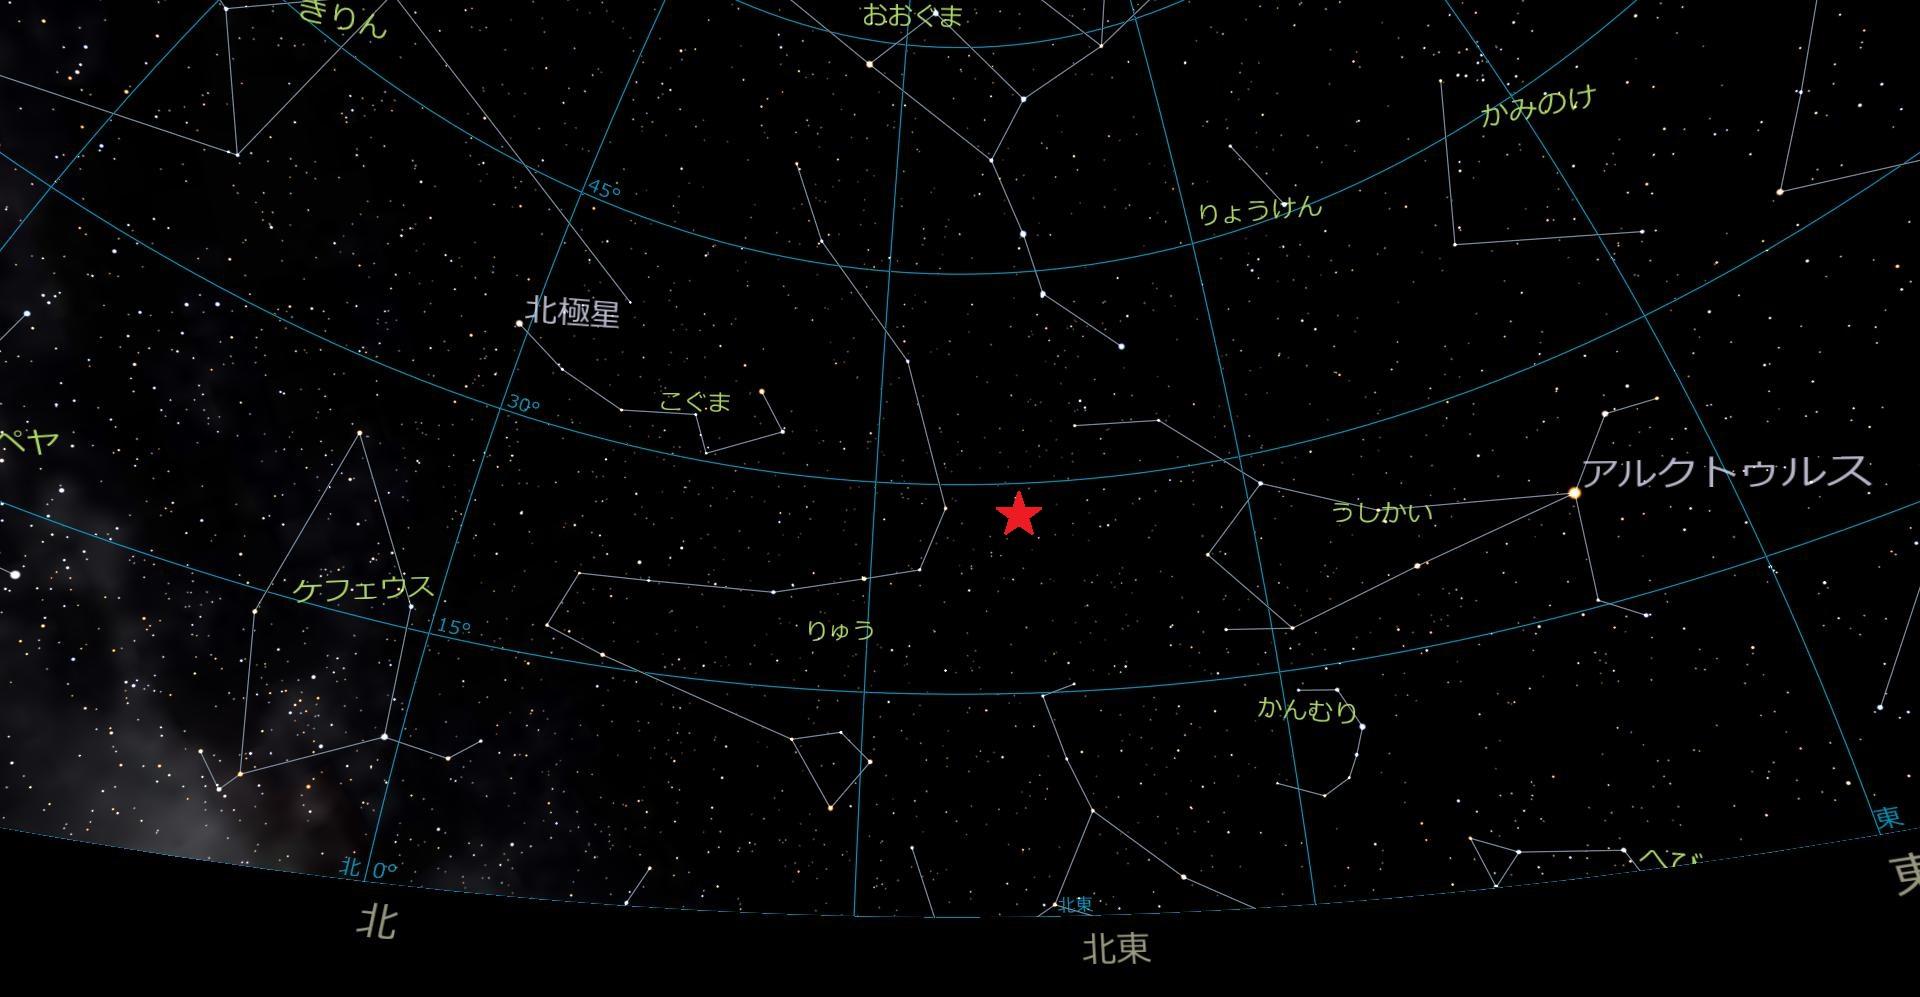 しぶんぎ座流星群 2017年1月4日 02:00 頃